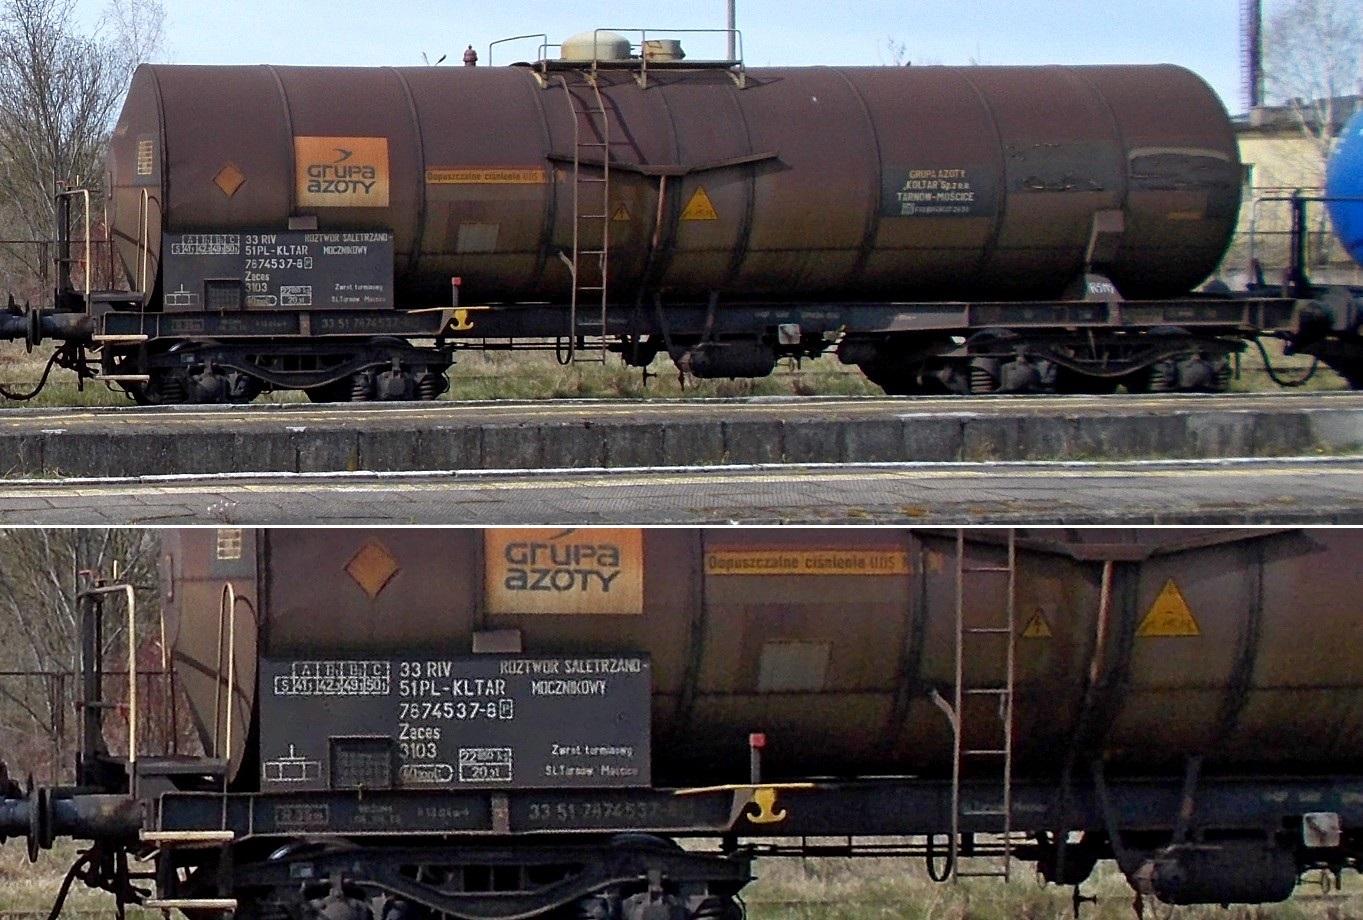 42. Stacja Dobre Miasto. Cysterna do przewozu RSM typu 435Ral KOLTAR Grupa Azoty (1).jpg